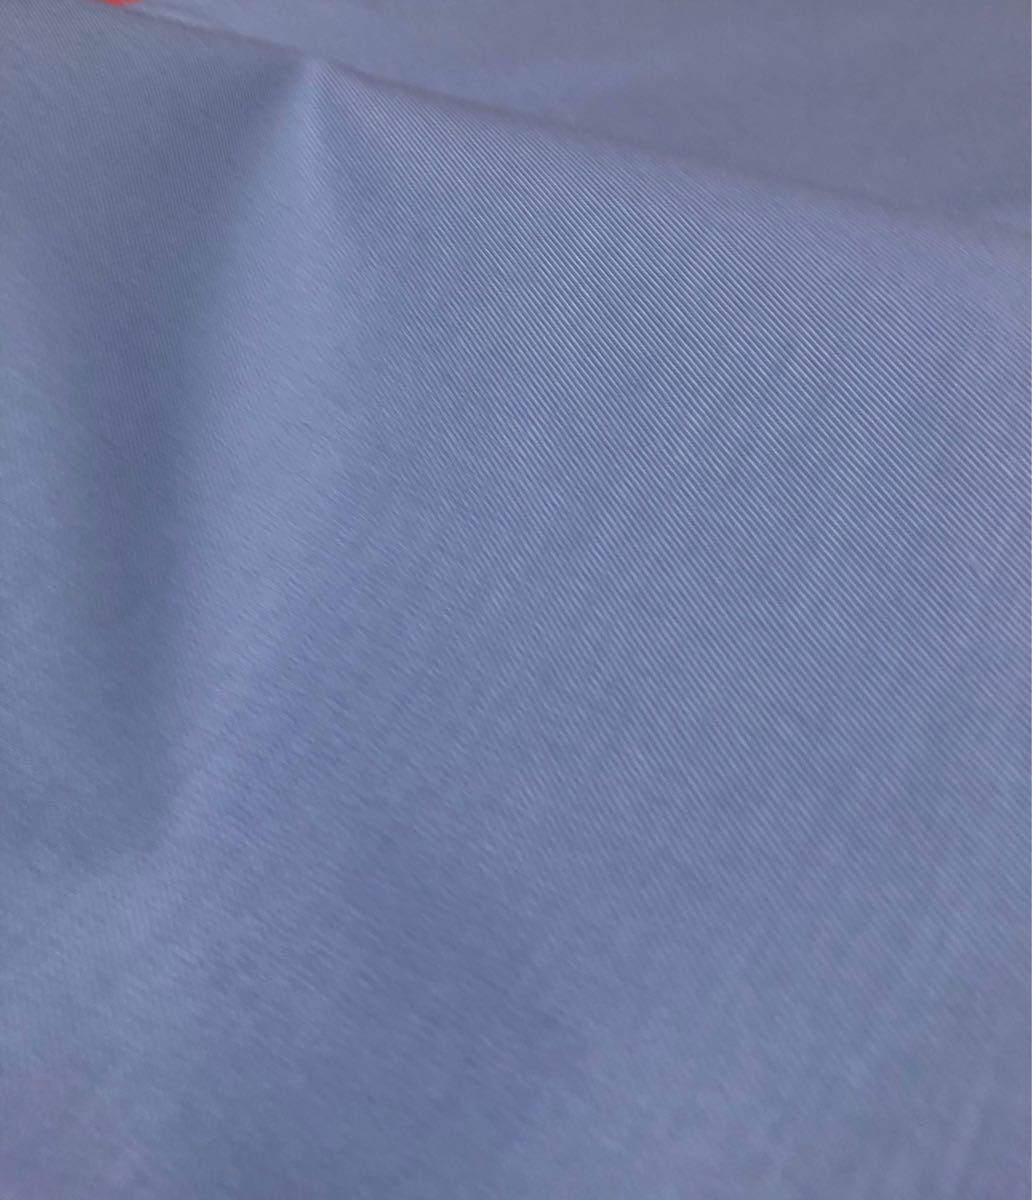 ツイル生地 ブルー系 140×100cm